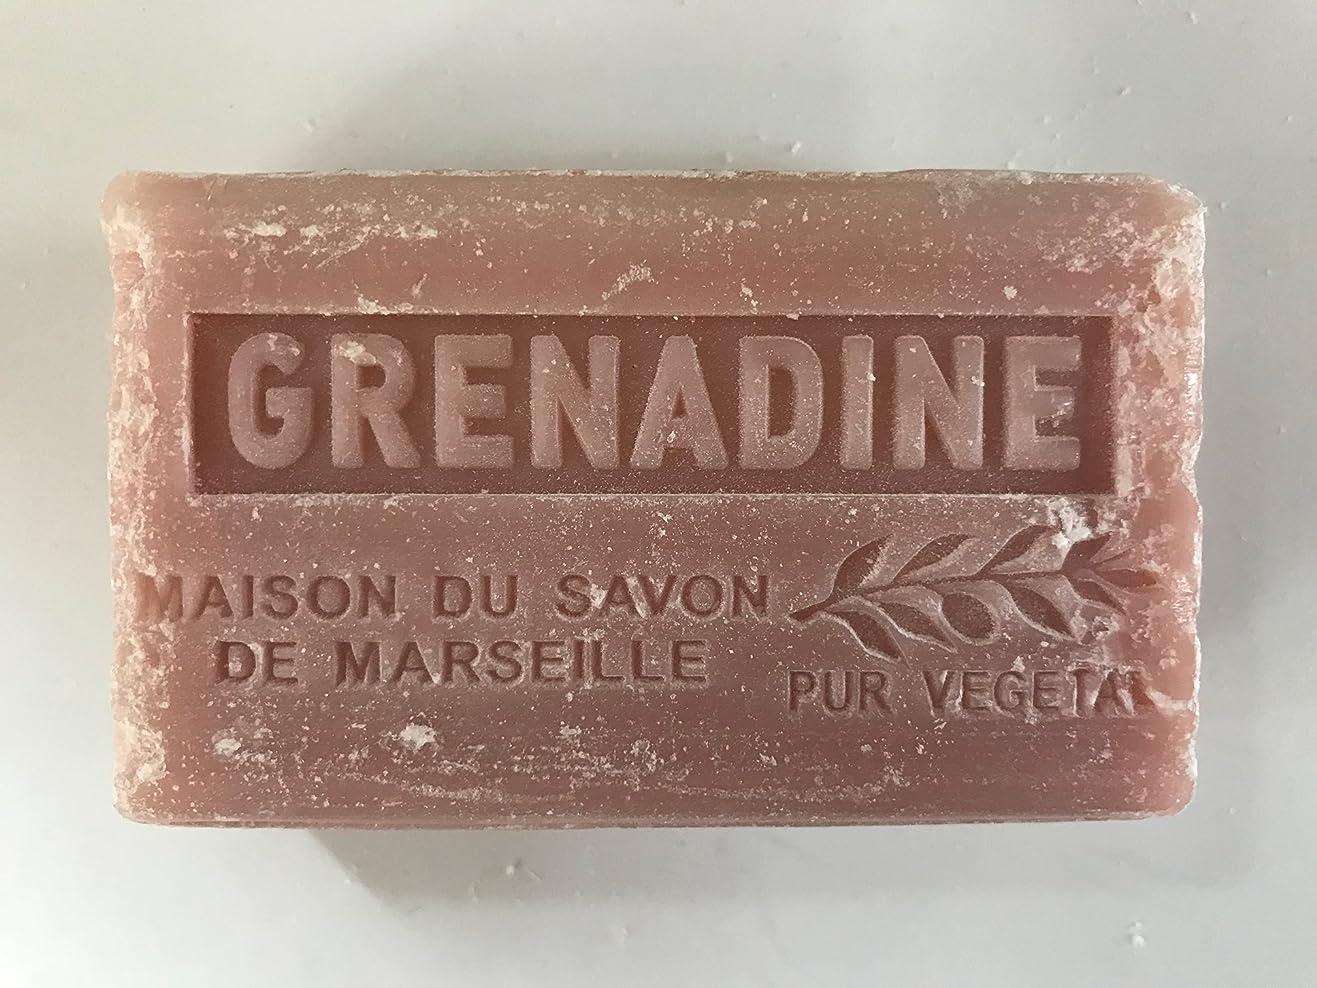 サーバント一時解雇する外交問題Savon de Marseille Soap Grenadine Shea Butter 125g